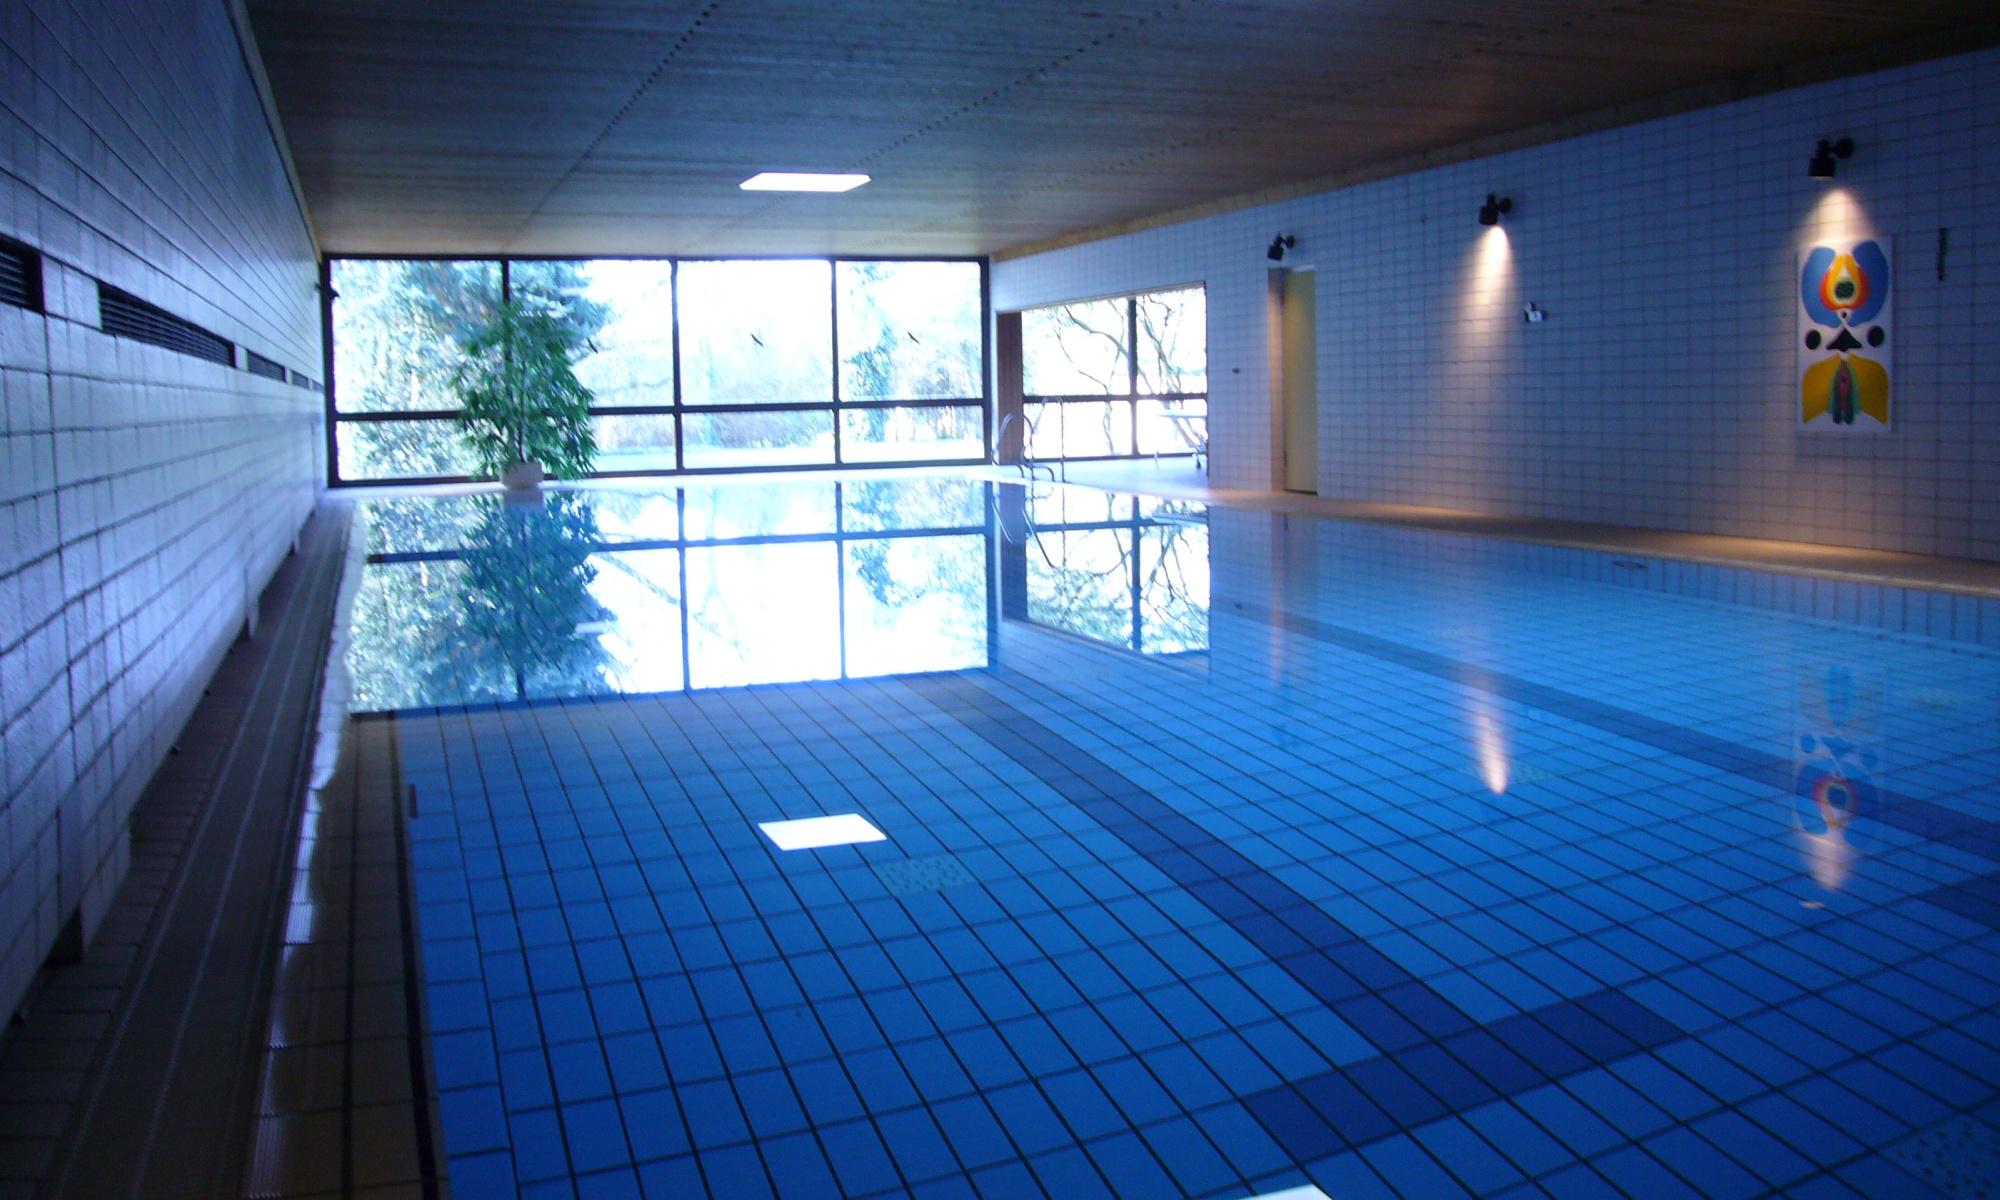 Schwimm-Club Krietkamp